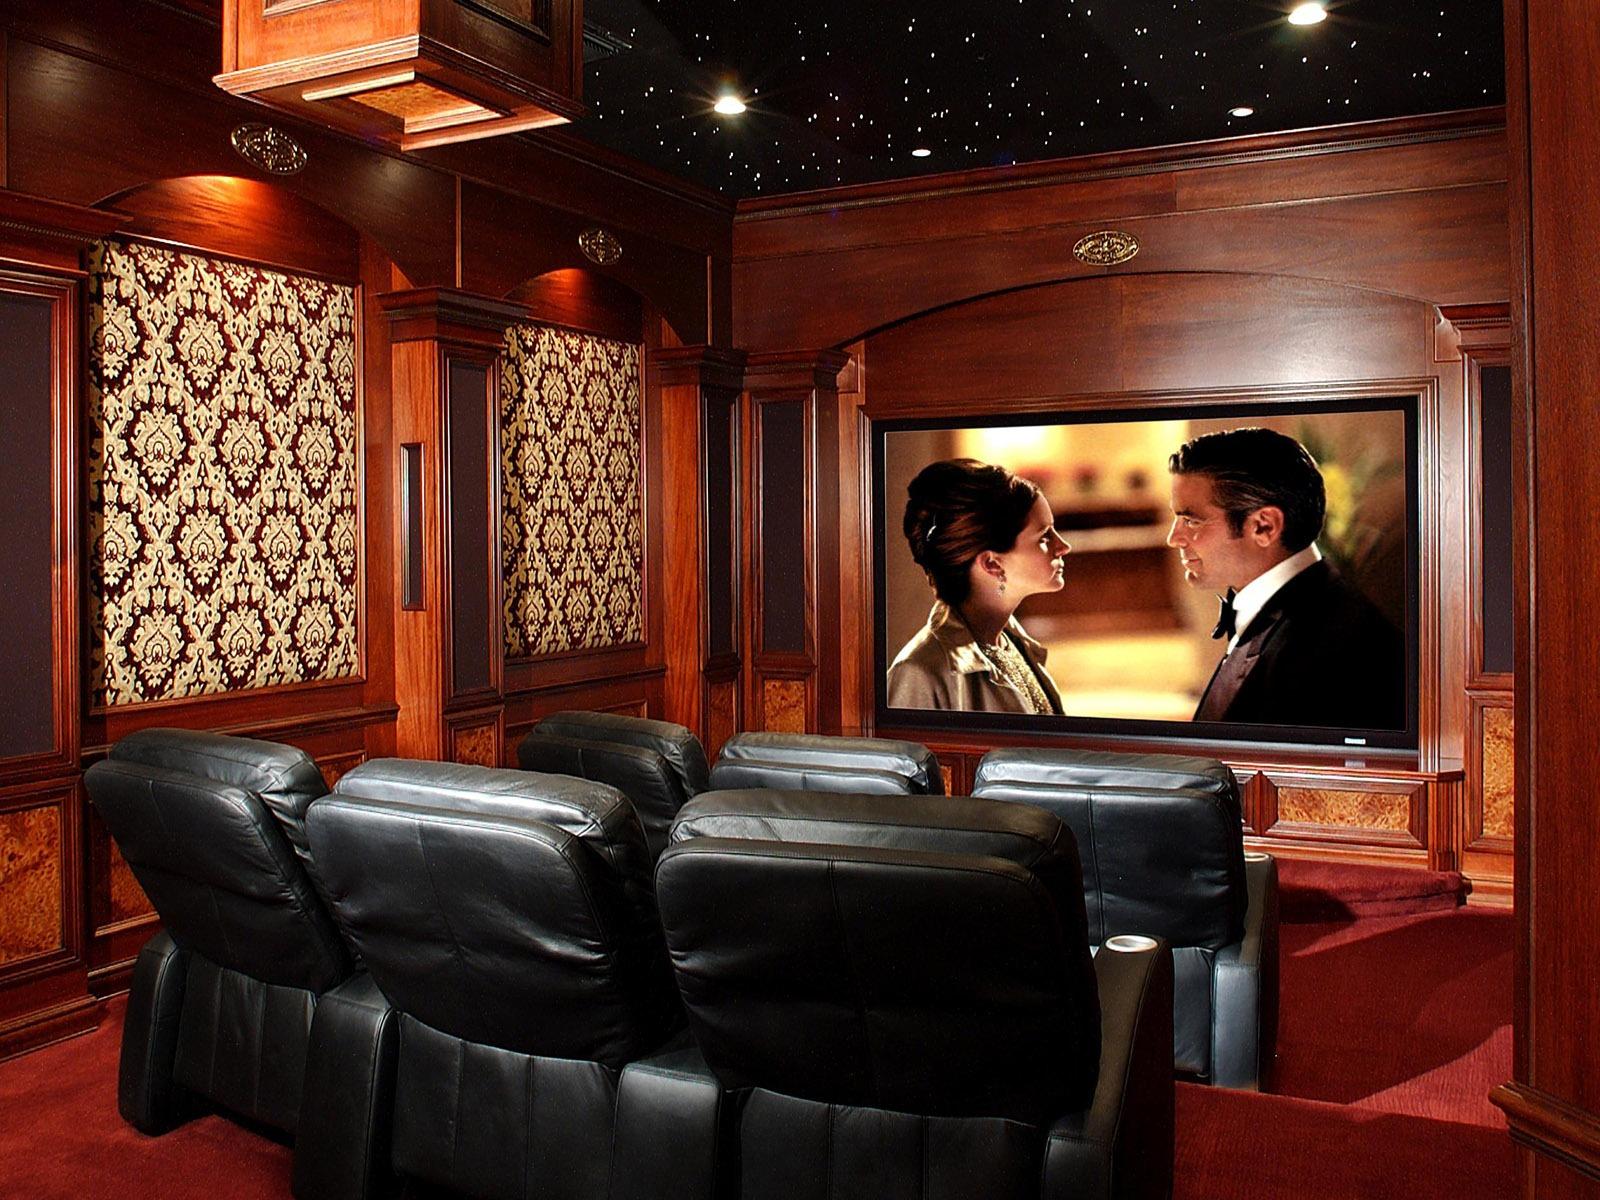 Fondo de pantalla de cine en casa 2 4 1600x1200 - Fotos salas de cine en casa ...